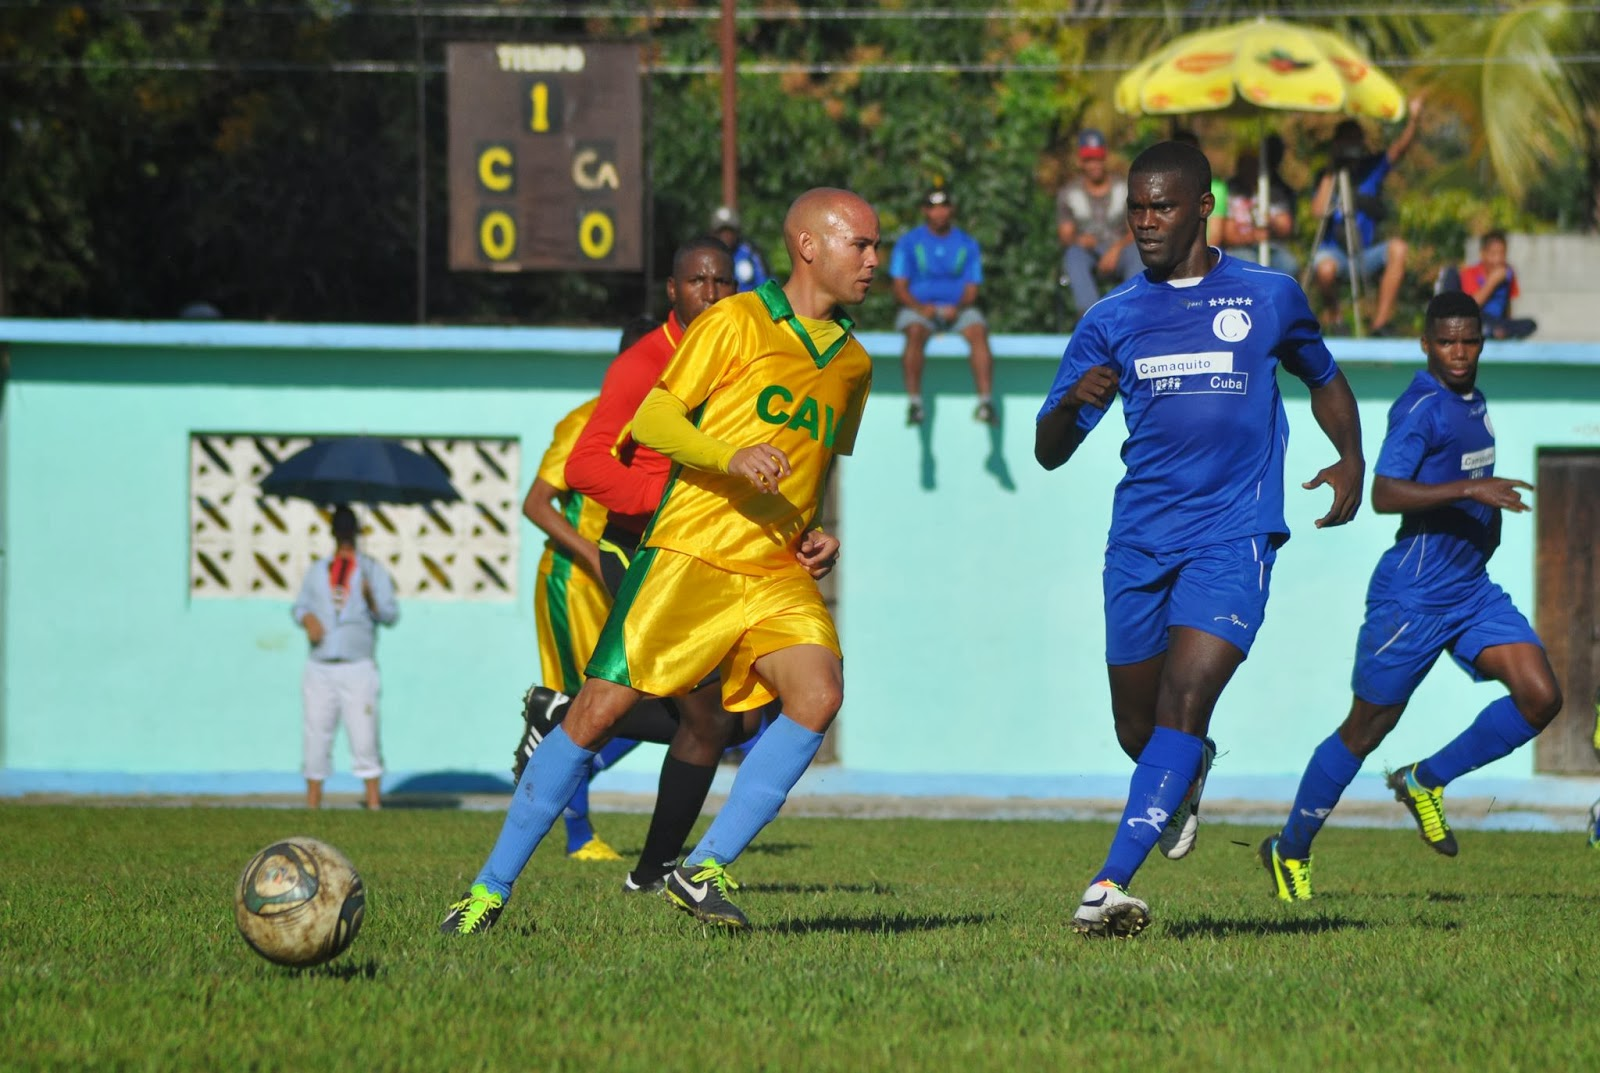 liga-cubana-de-futbol-ciego-de-avila